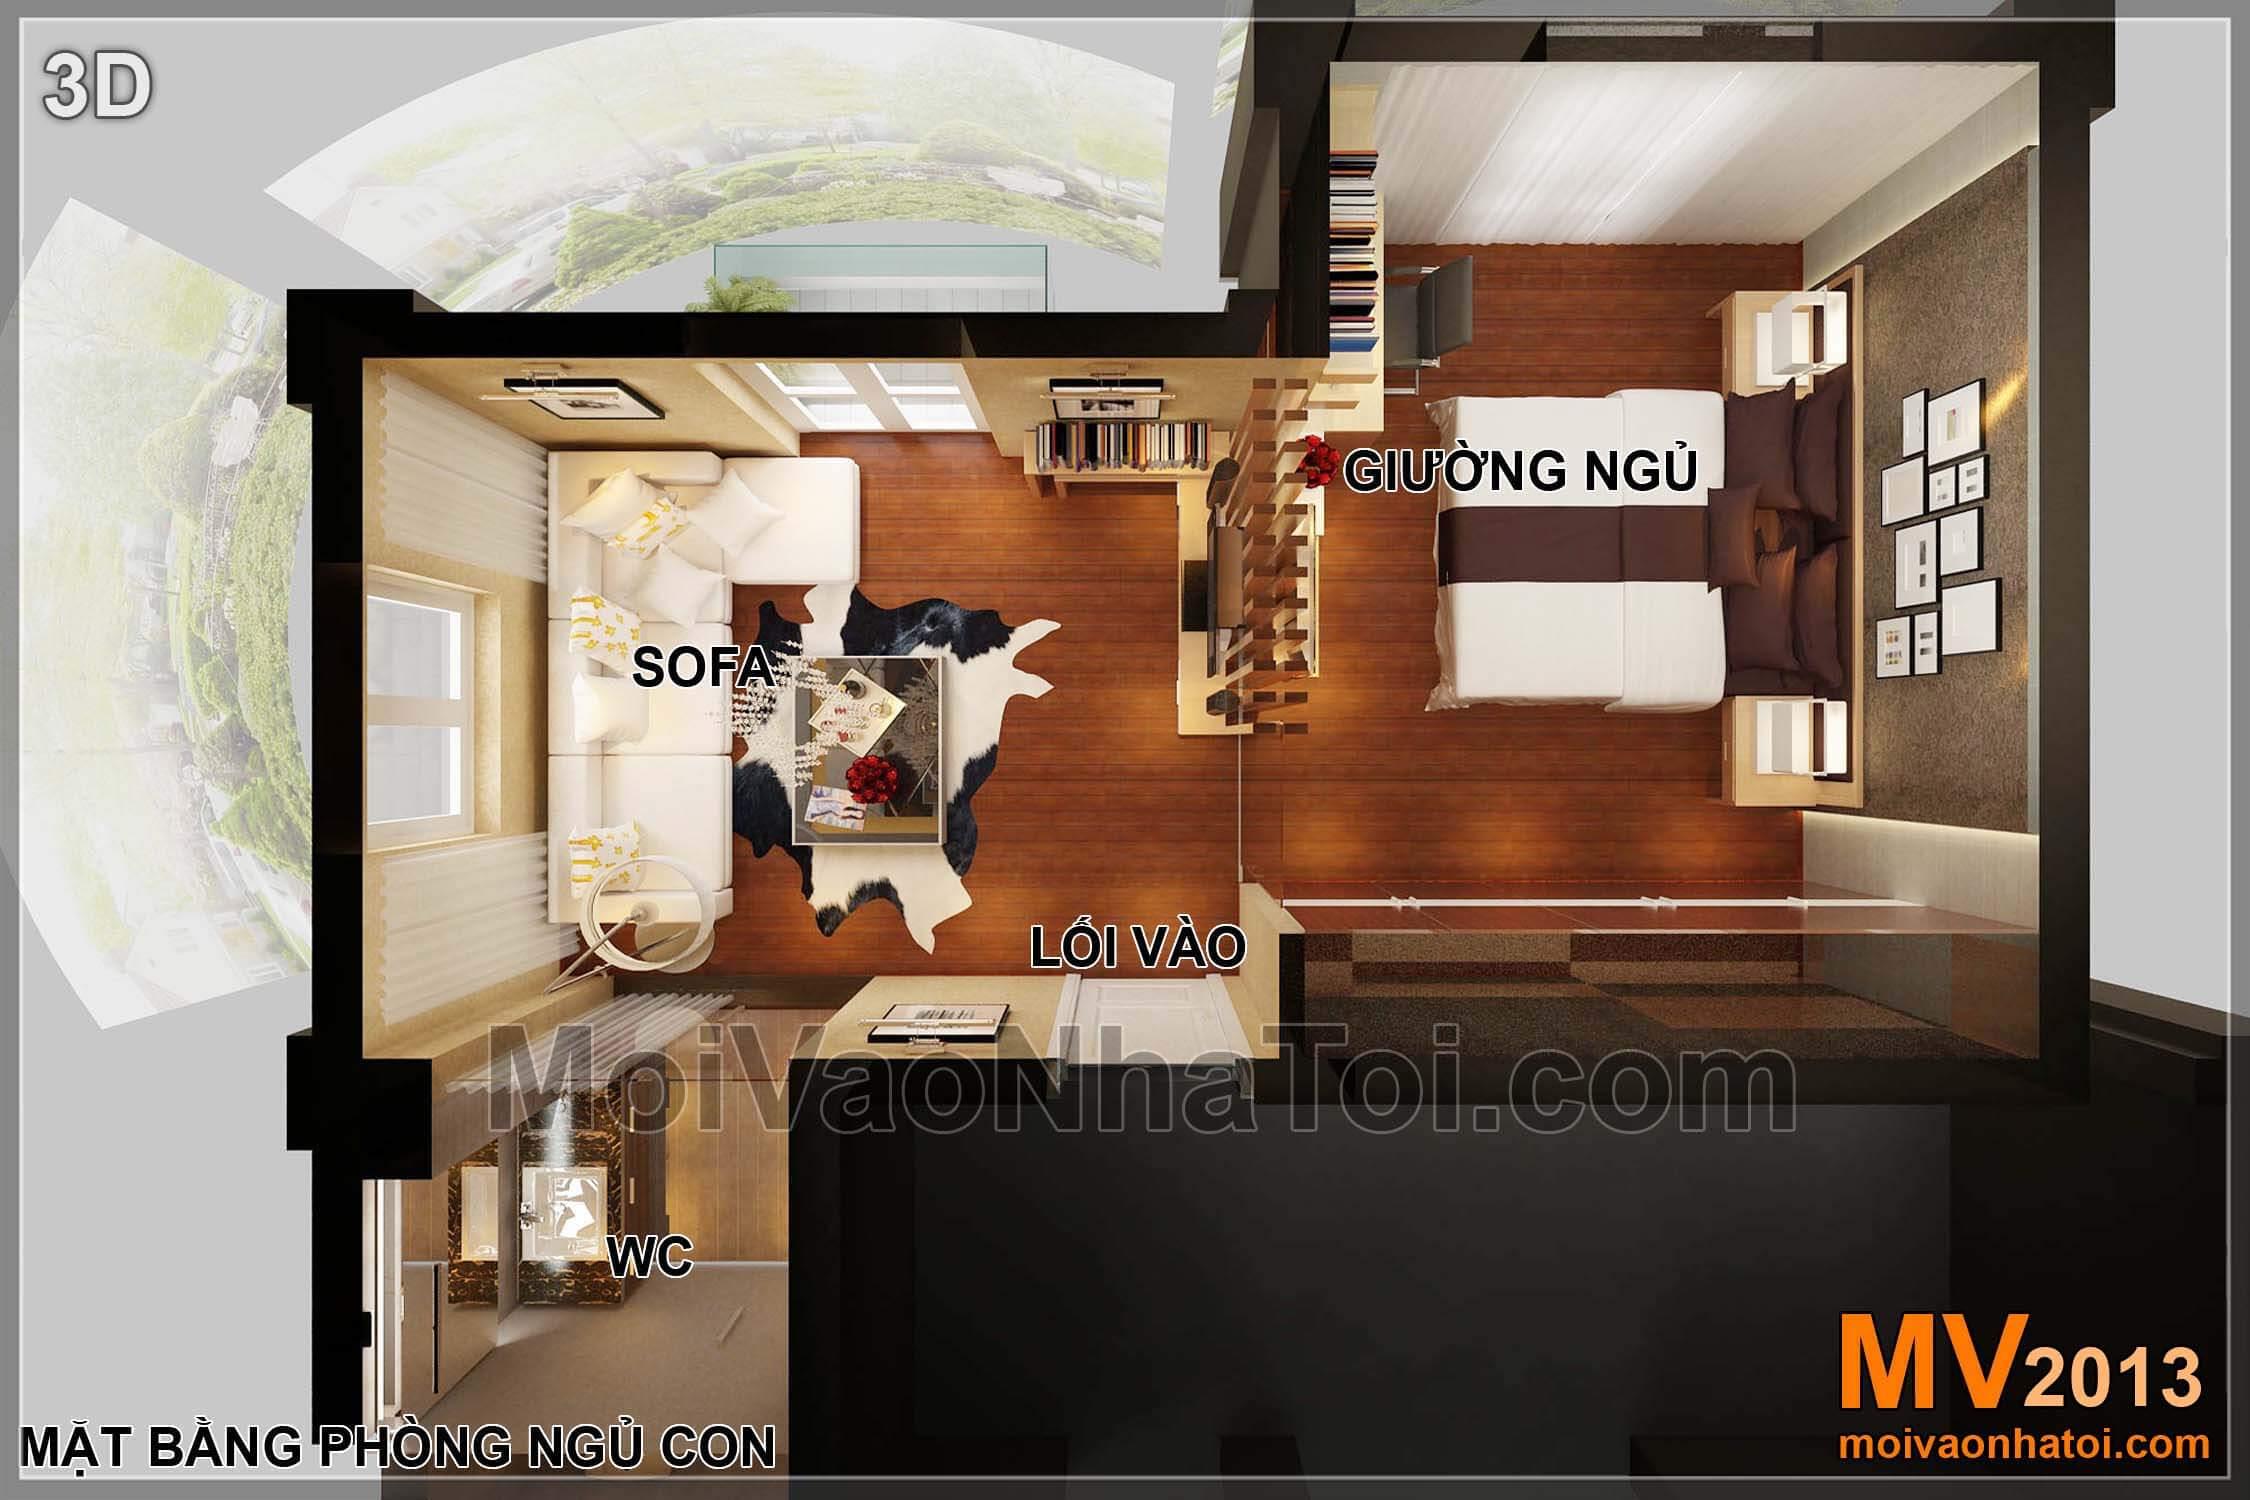 Mặt bằng biệt thự Việt Hưng BT - nội thất tầng 3 - phòng ngủ con trai